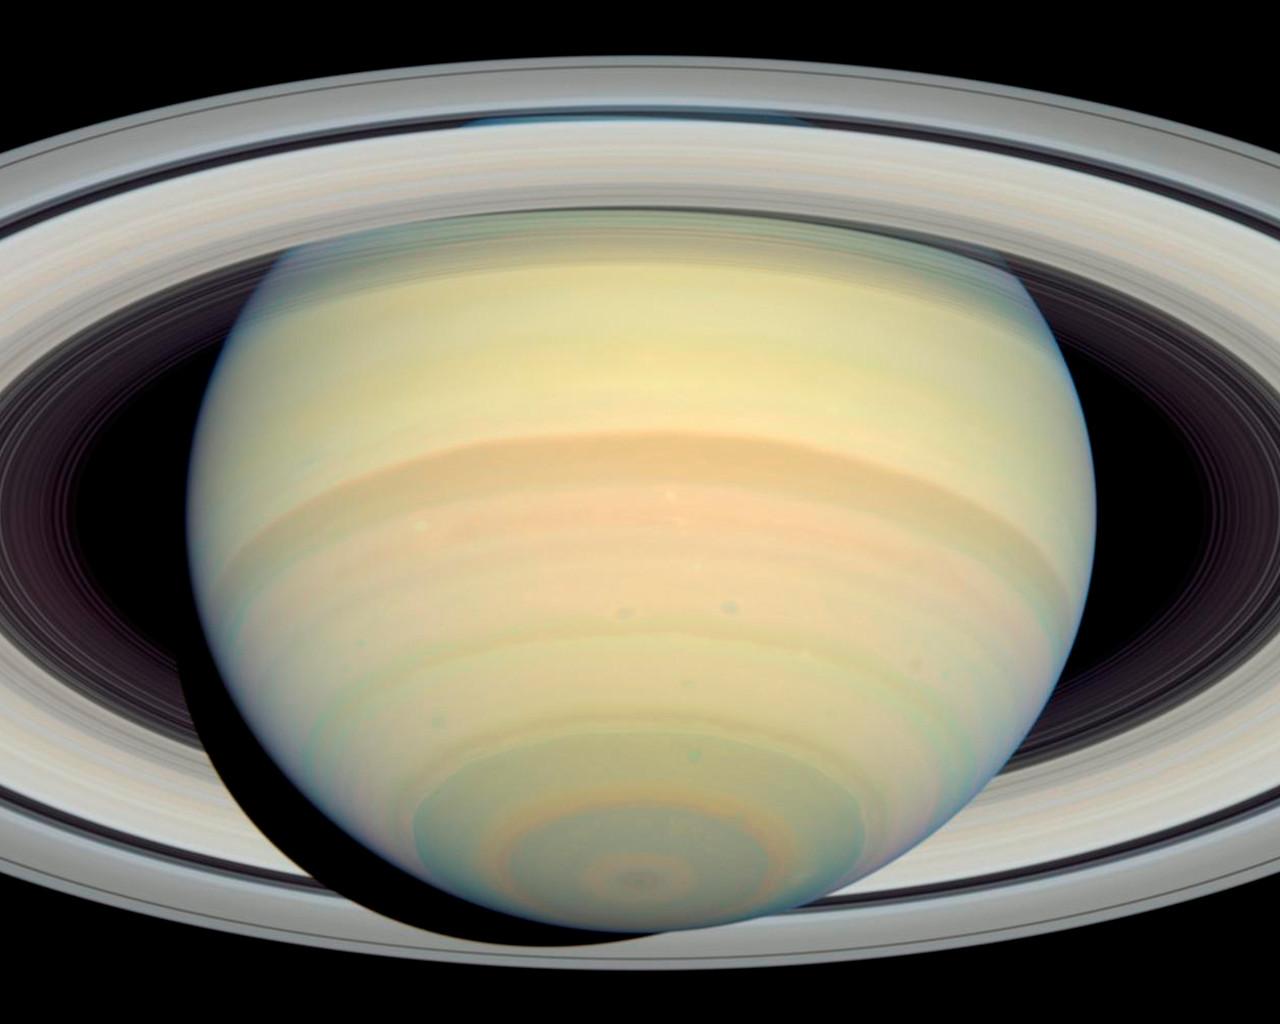 Hubble's Latest Saturn Picture Precedes Cassini's Arrival ...